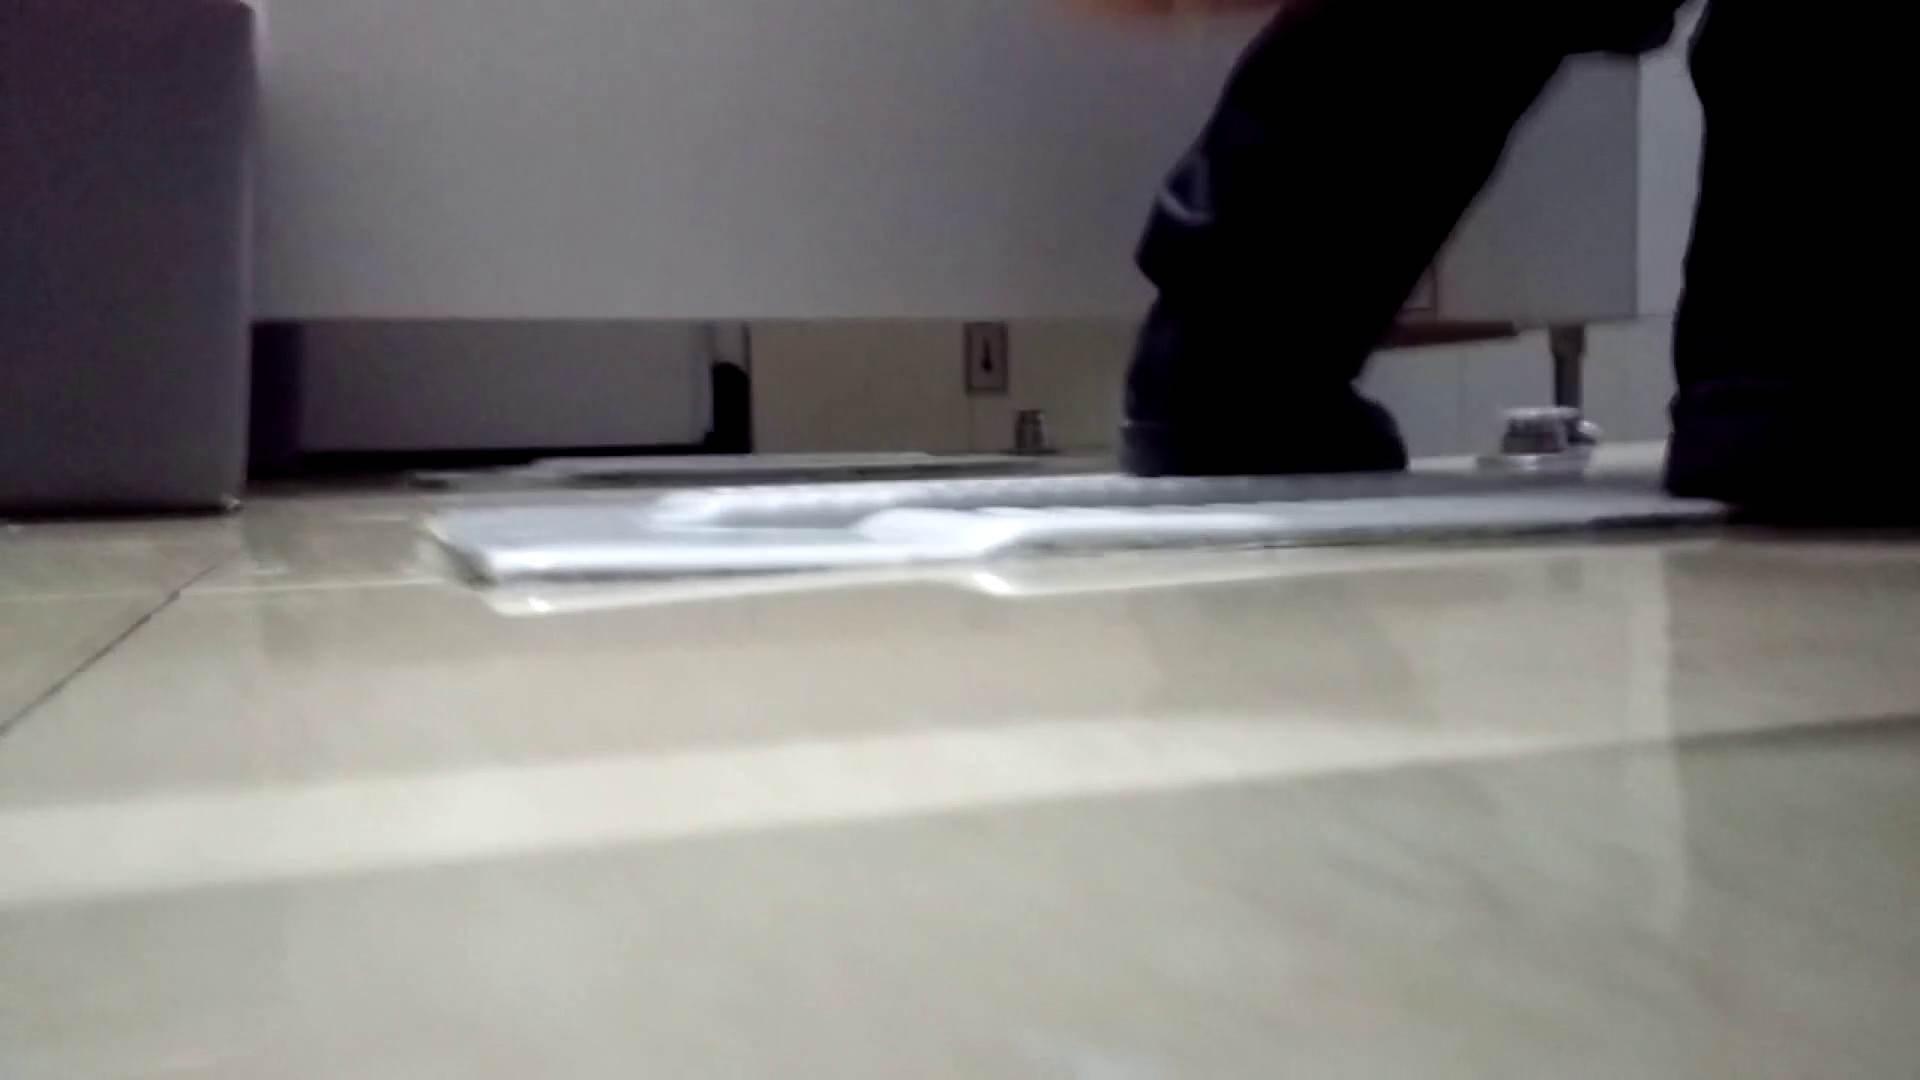 芸術大学ガチ潜入盗撮 JD盗撮 美女の洗面所の秘密 Vol.102 高画質 おめこ無修正画像 99枚 55